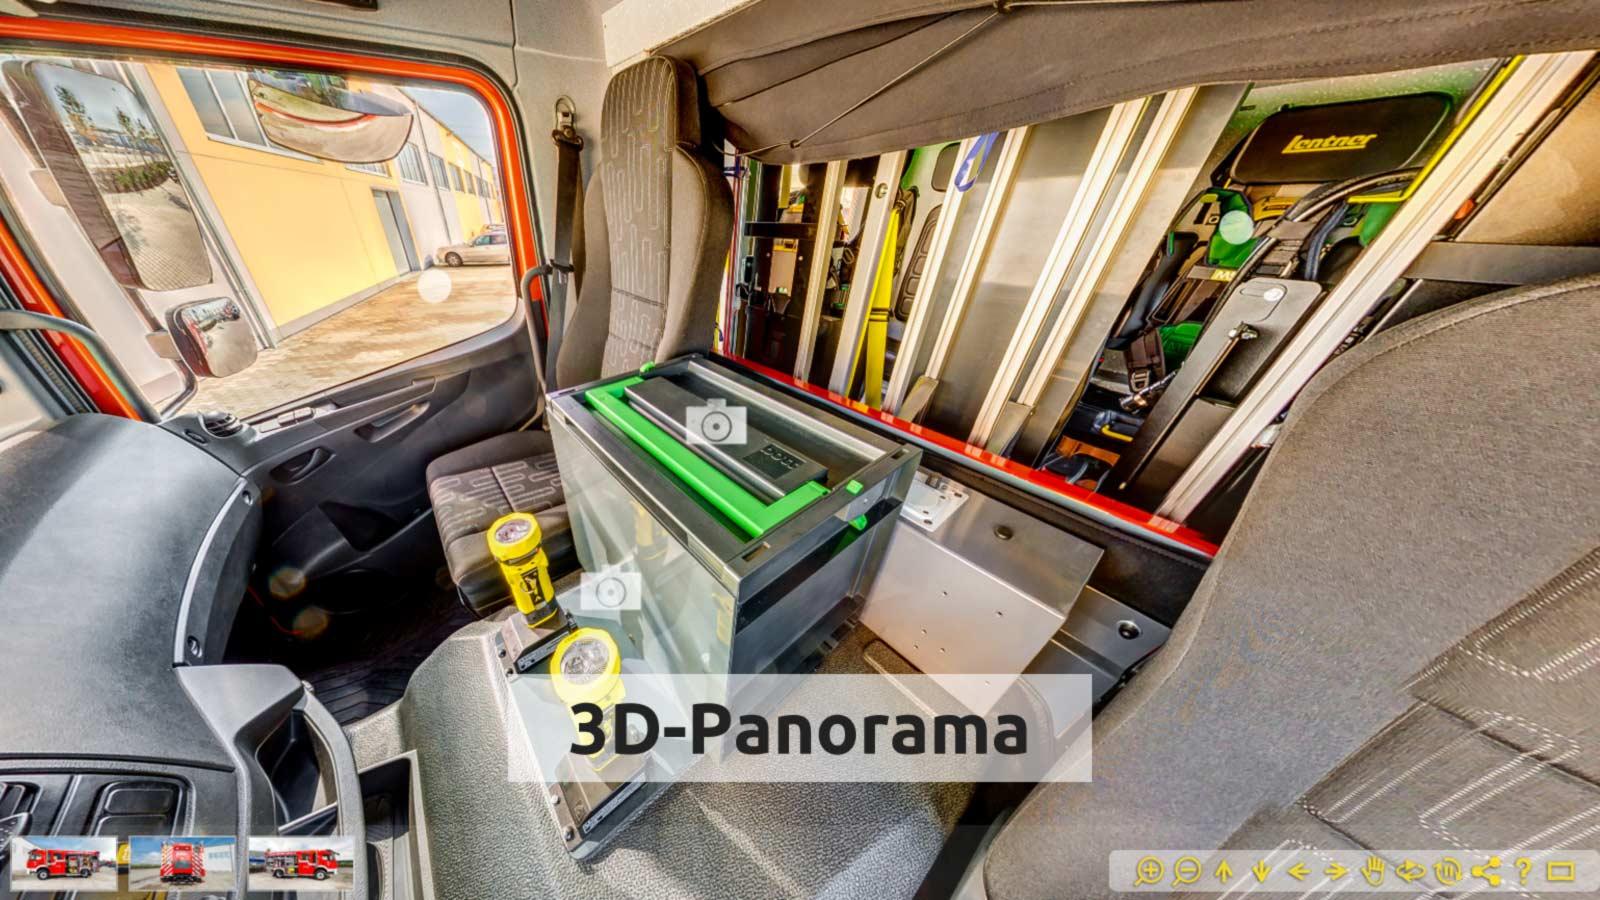 3D-Panorama-des-Fahrerraums.jpg